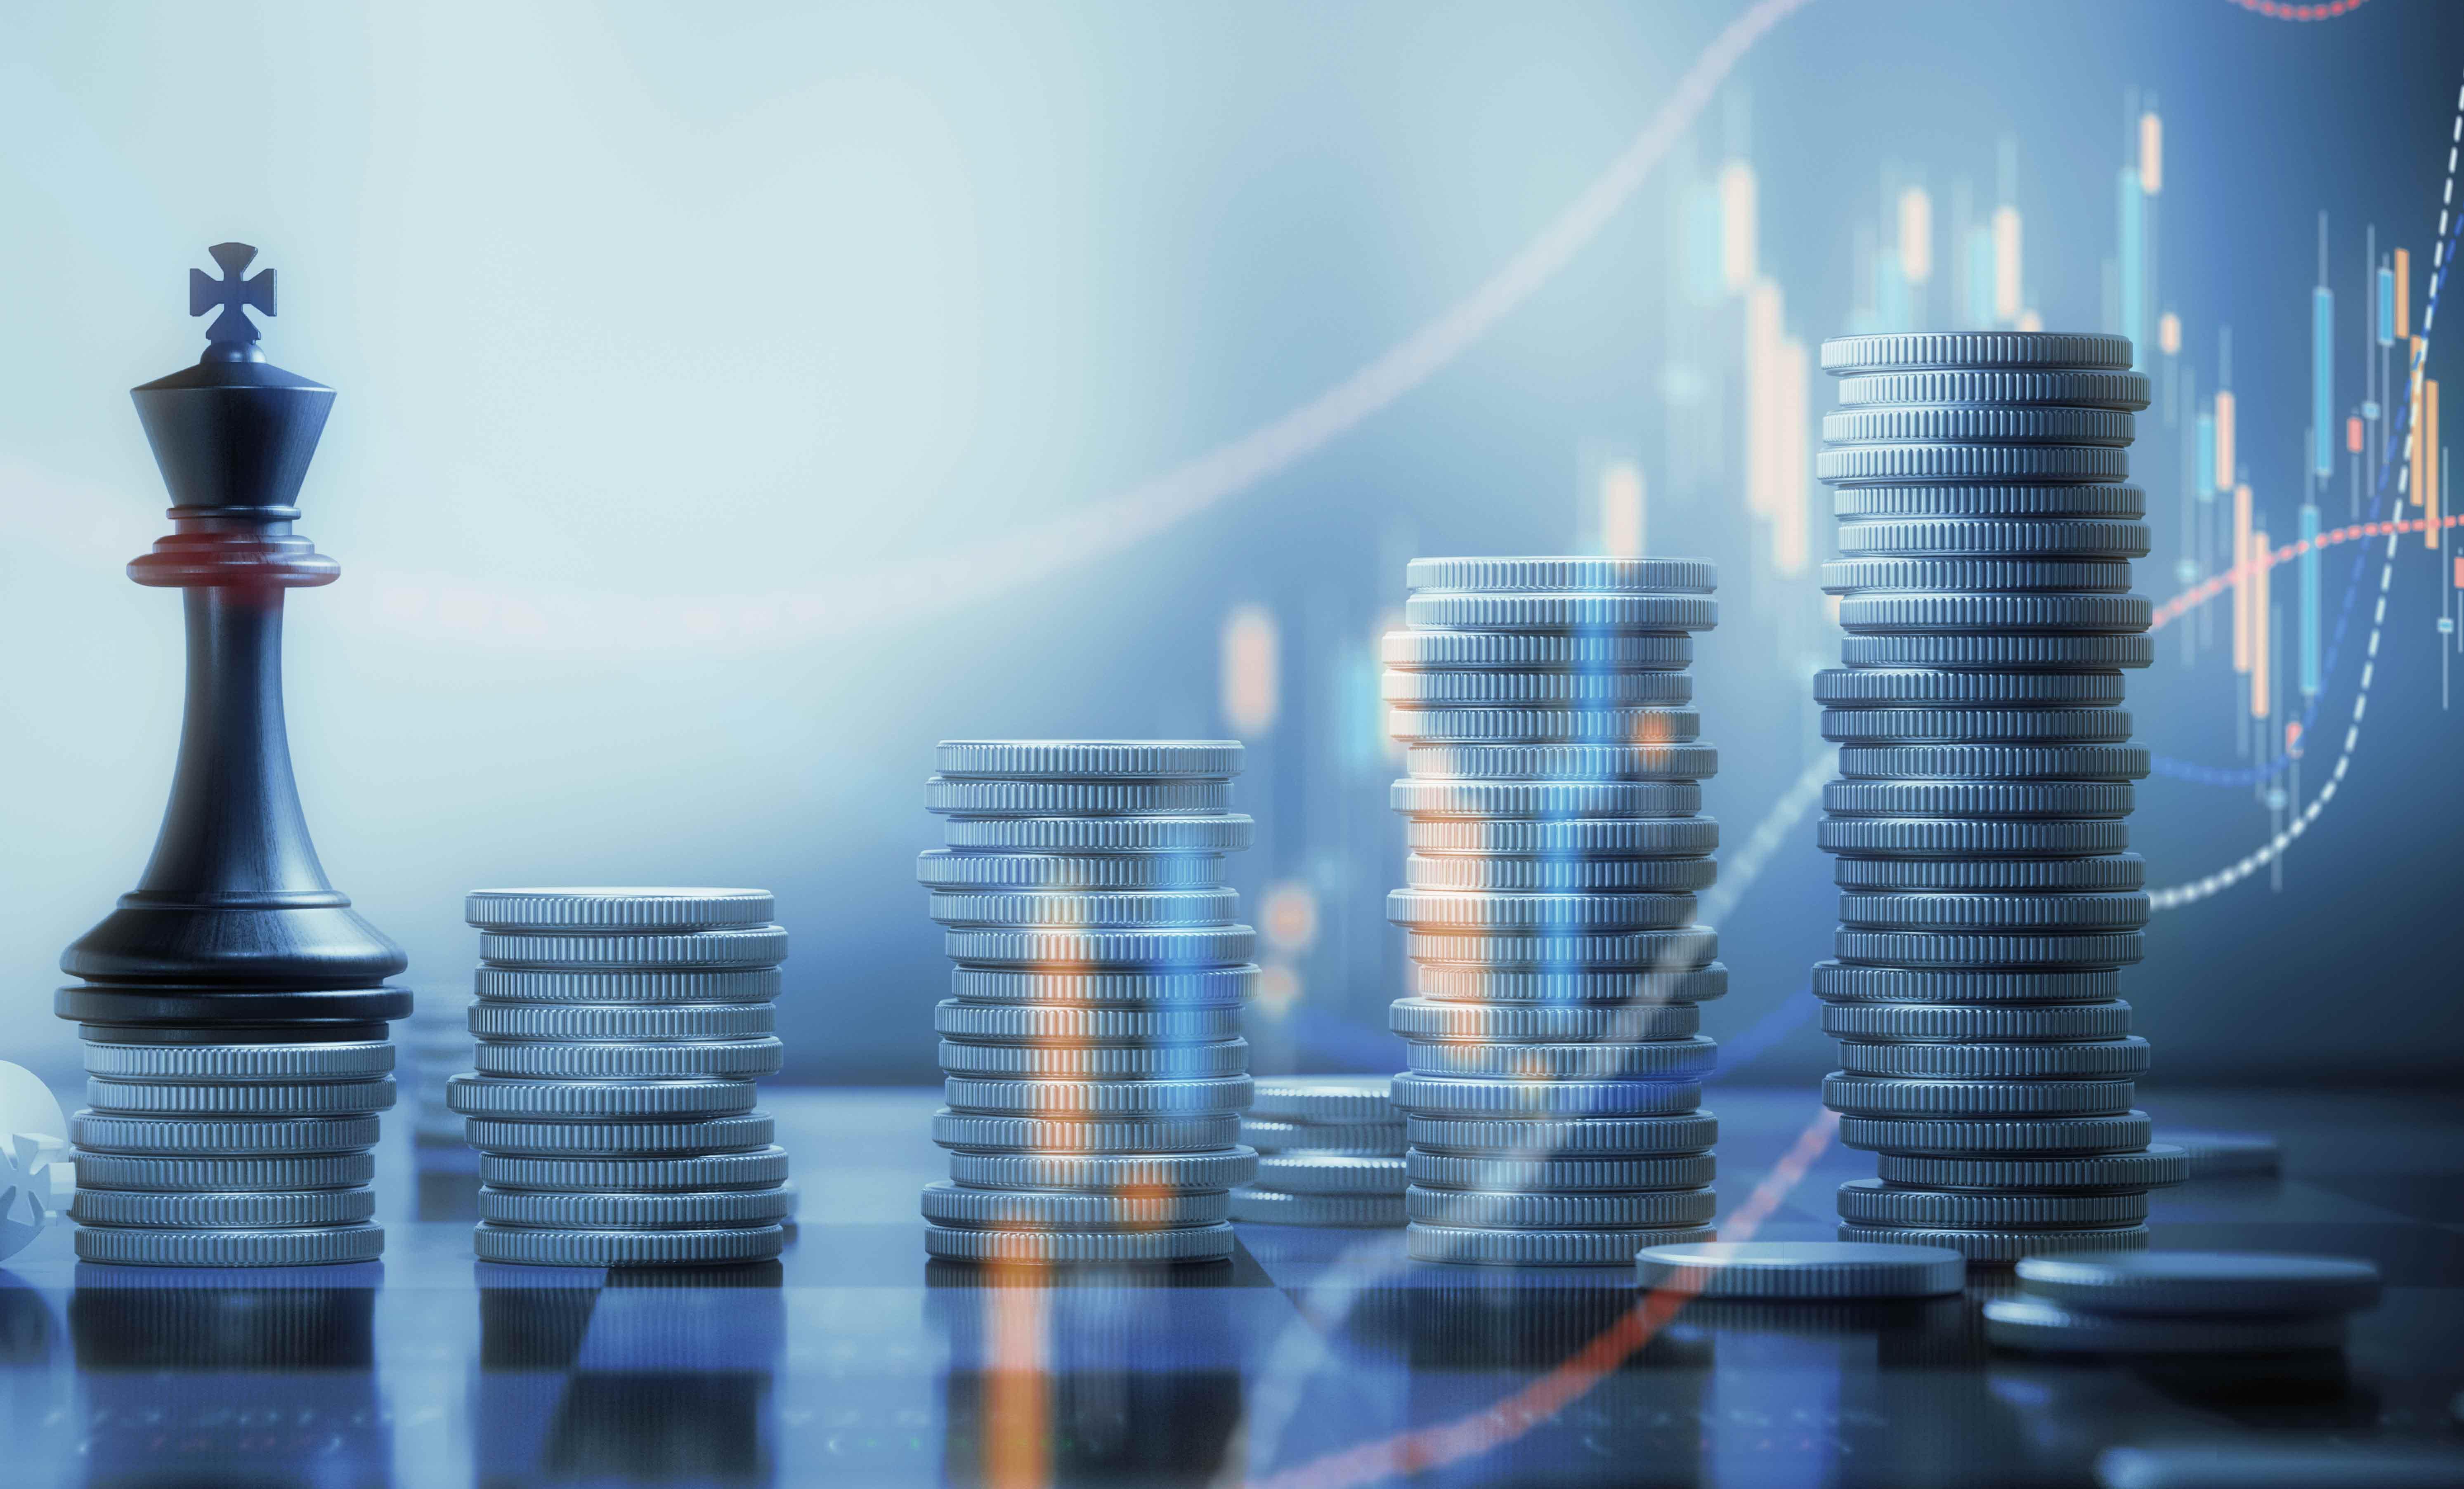 Gestión financiera en tiempos de Covid-19: CFO se centran en cuidar la liquidez